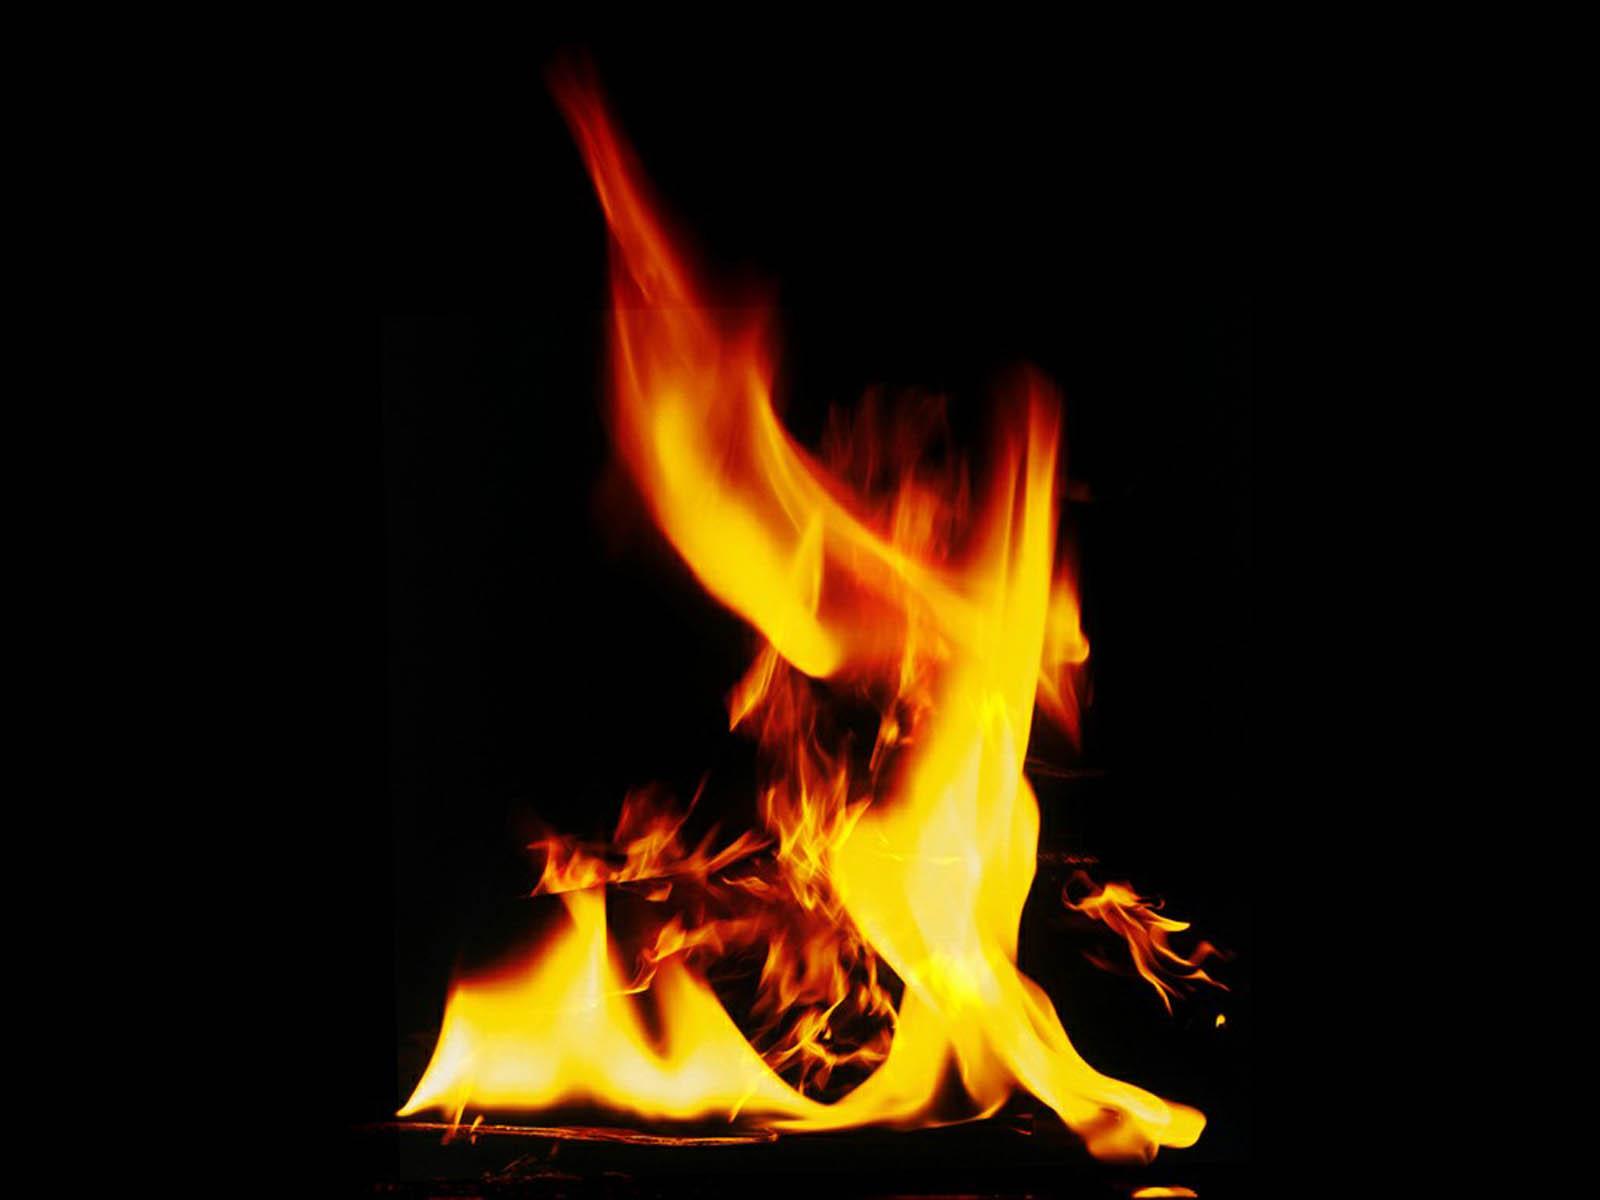 http://4.bp.blogspot.com/-iD4IkLCyr6o/UFCpcVOxrOI/AAAAAAAAJv4/SMqViEiZL1w/s1600/Fire+Wallpapers+4.jpg